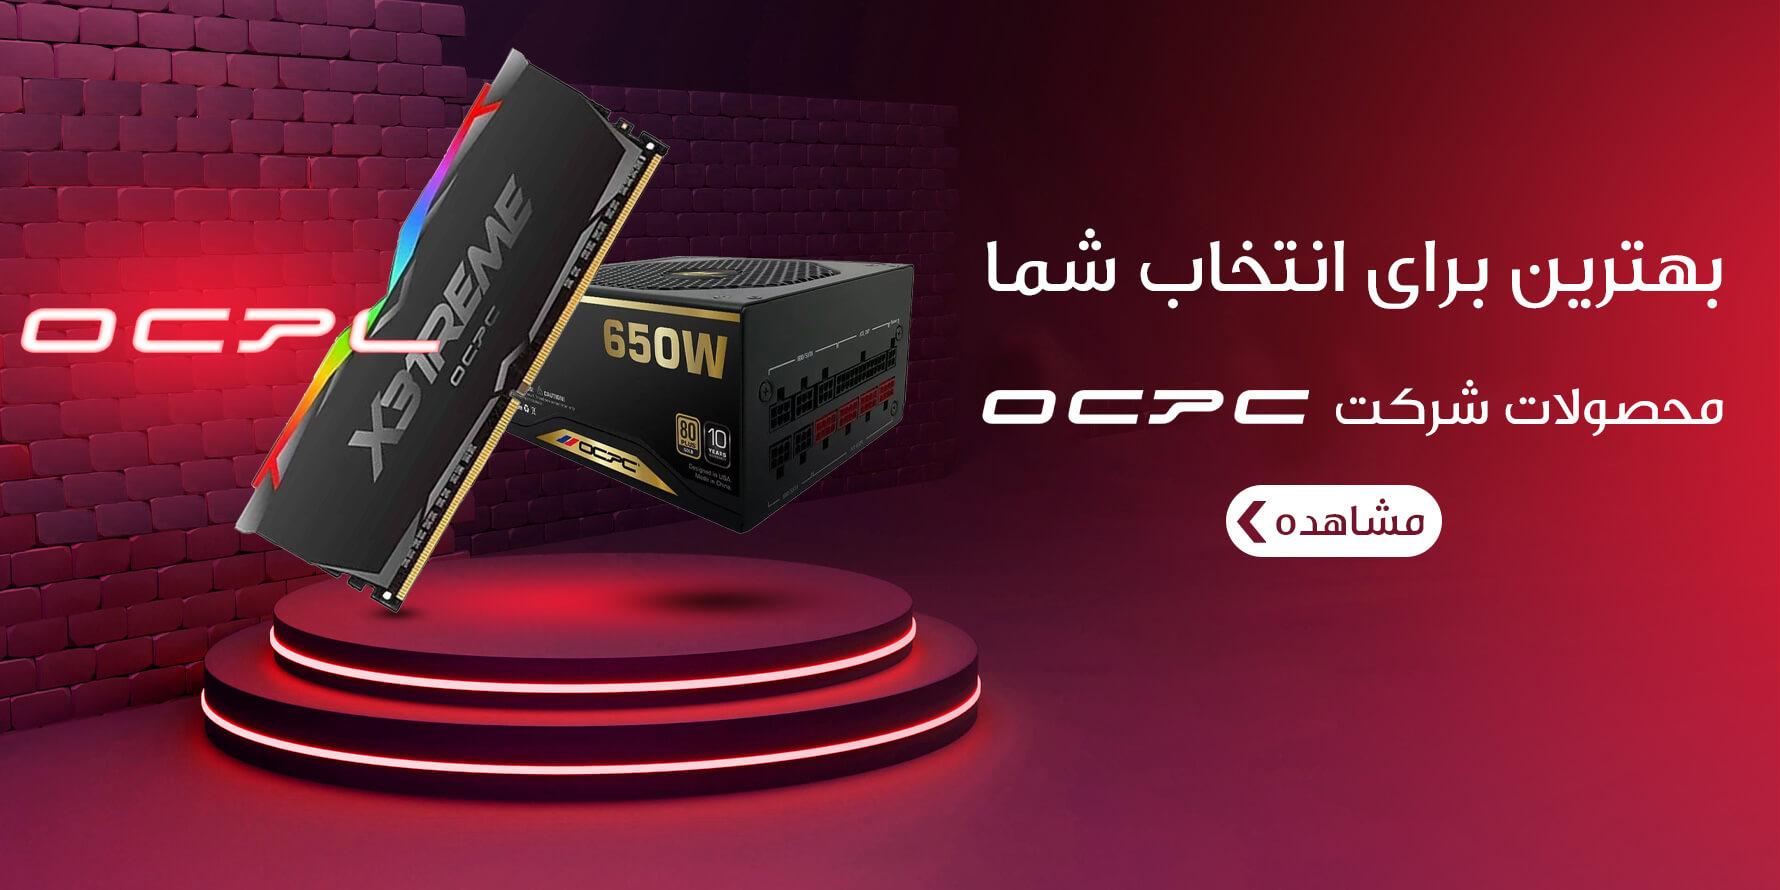 محصولات OCPC